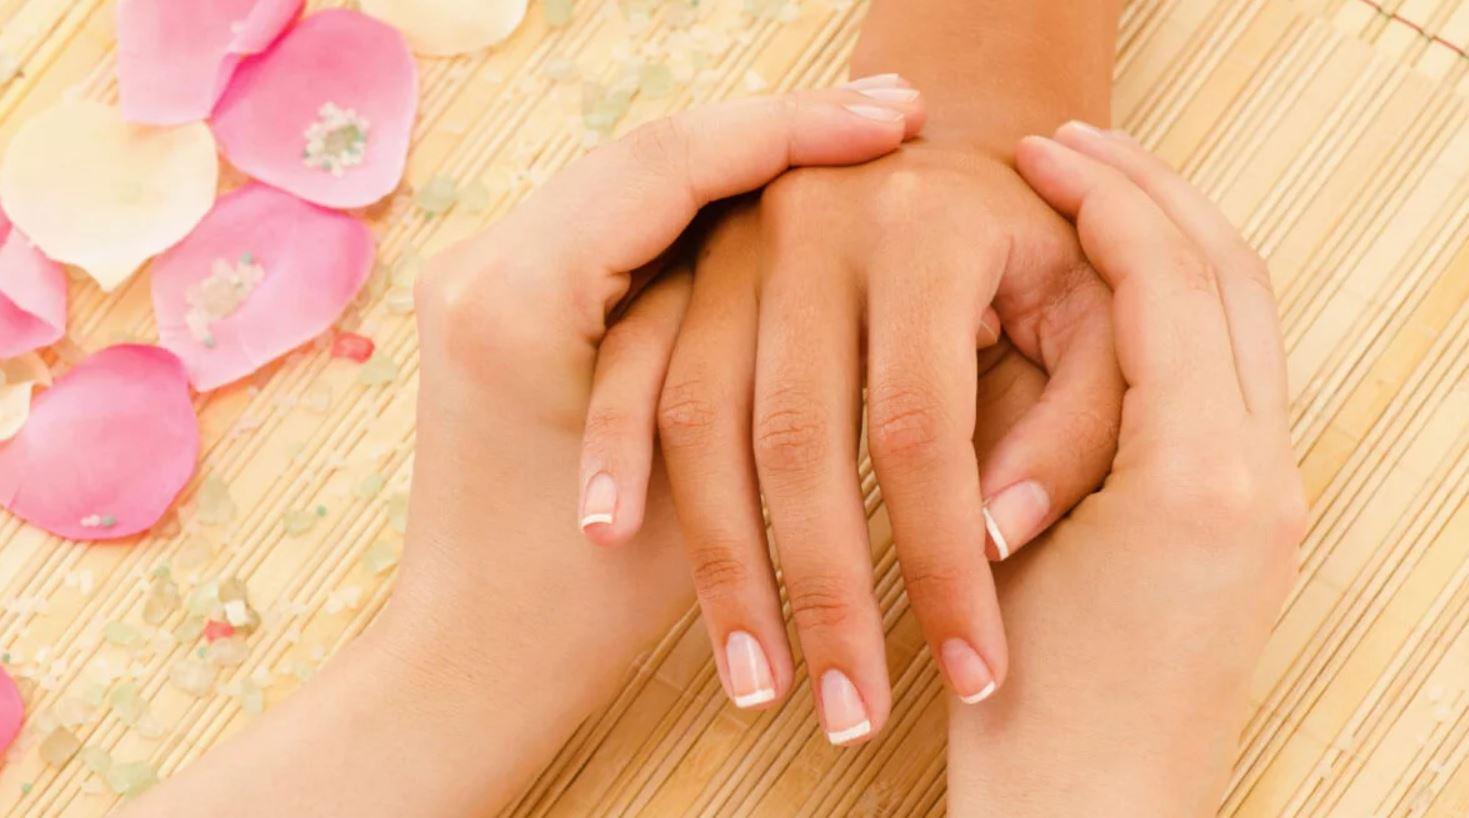 После лечения стоит записаться на лечебный массаж